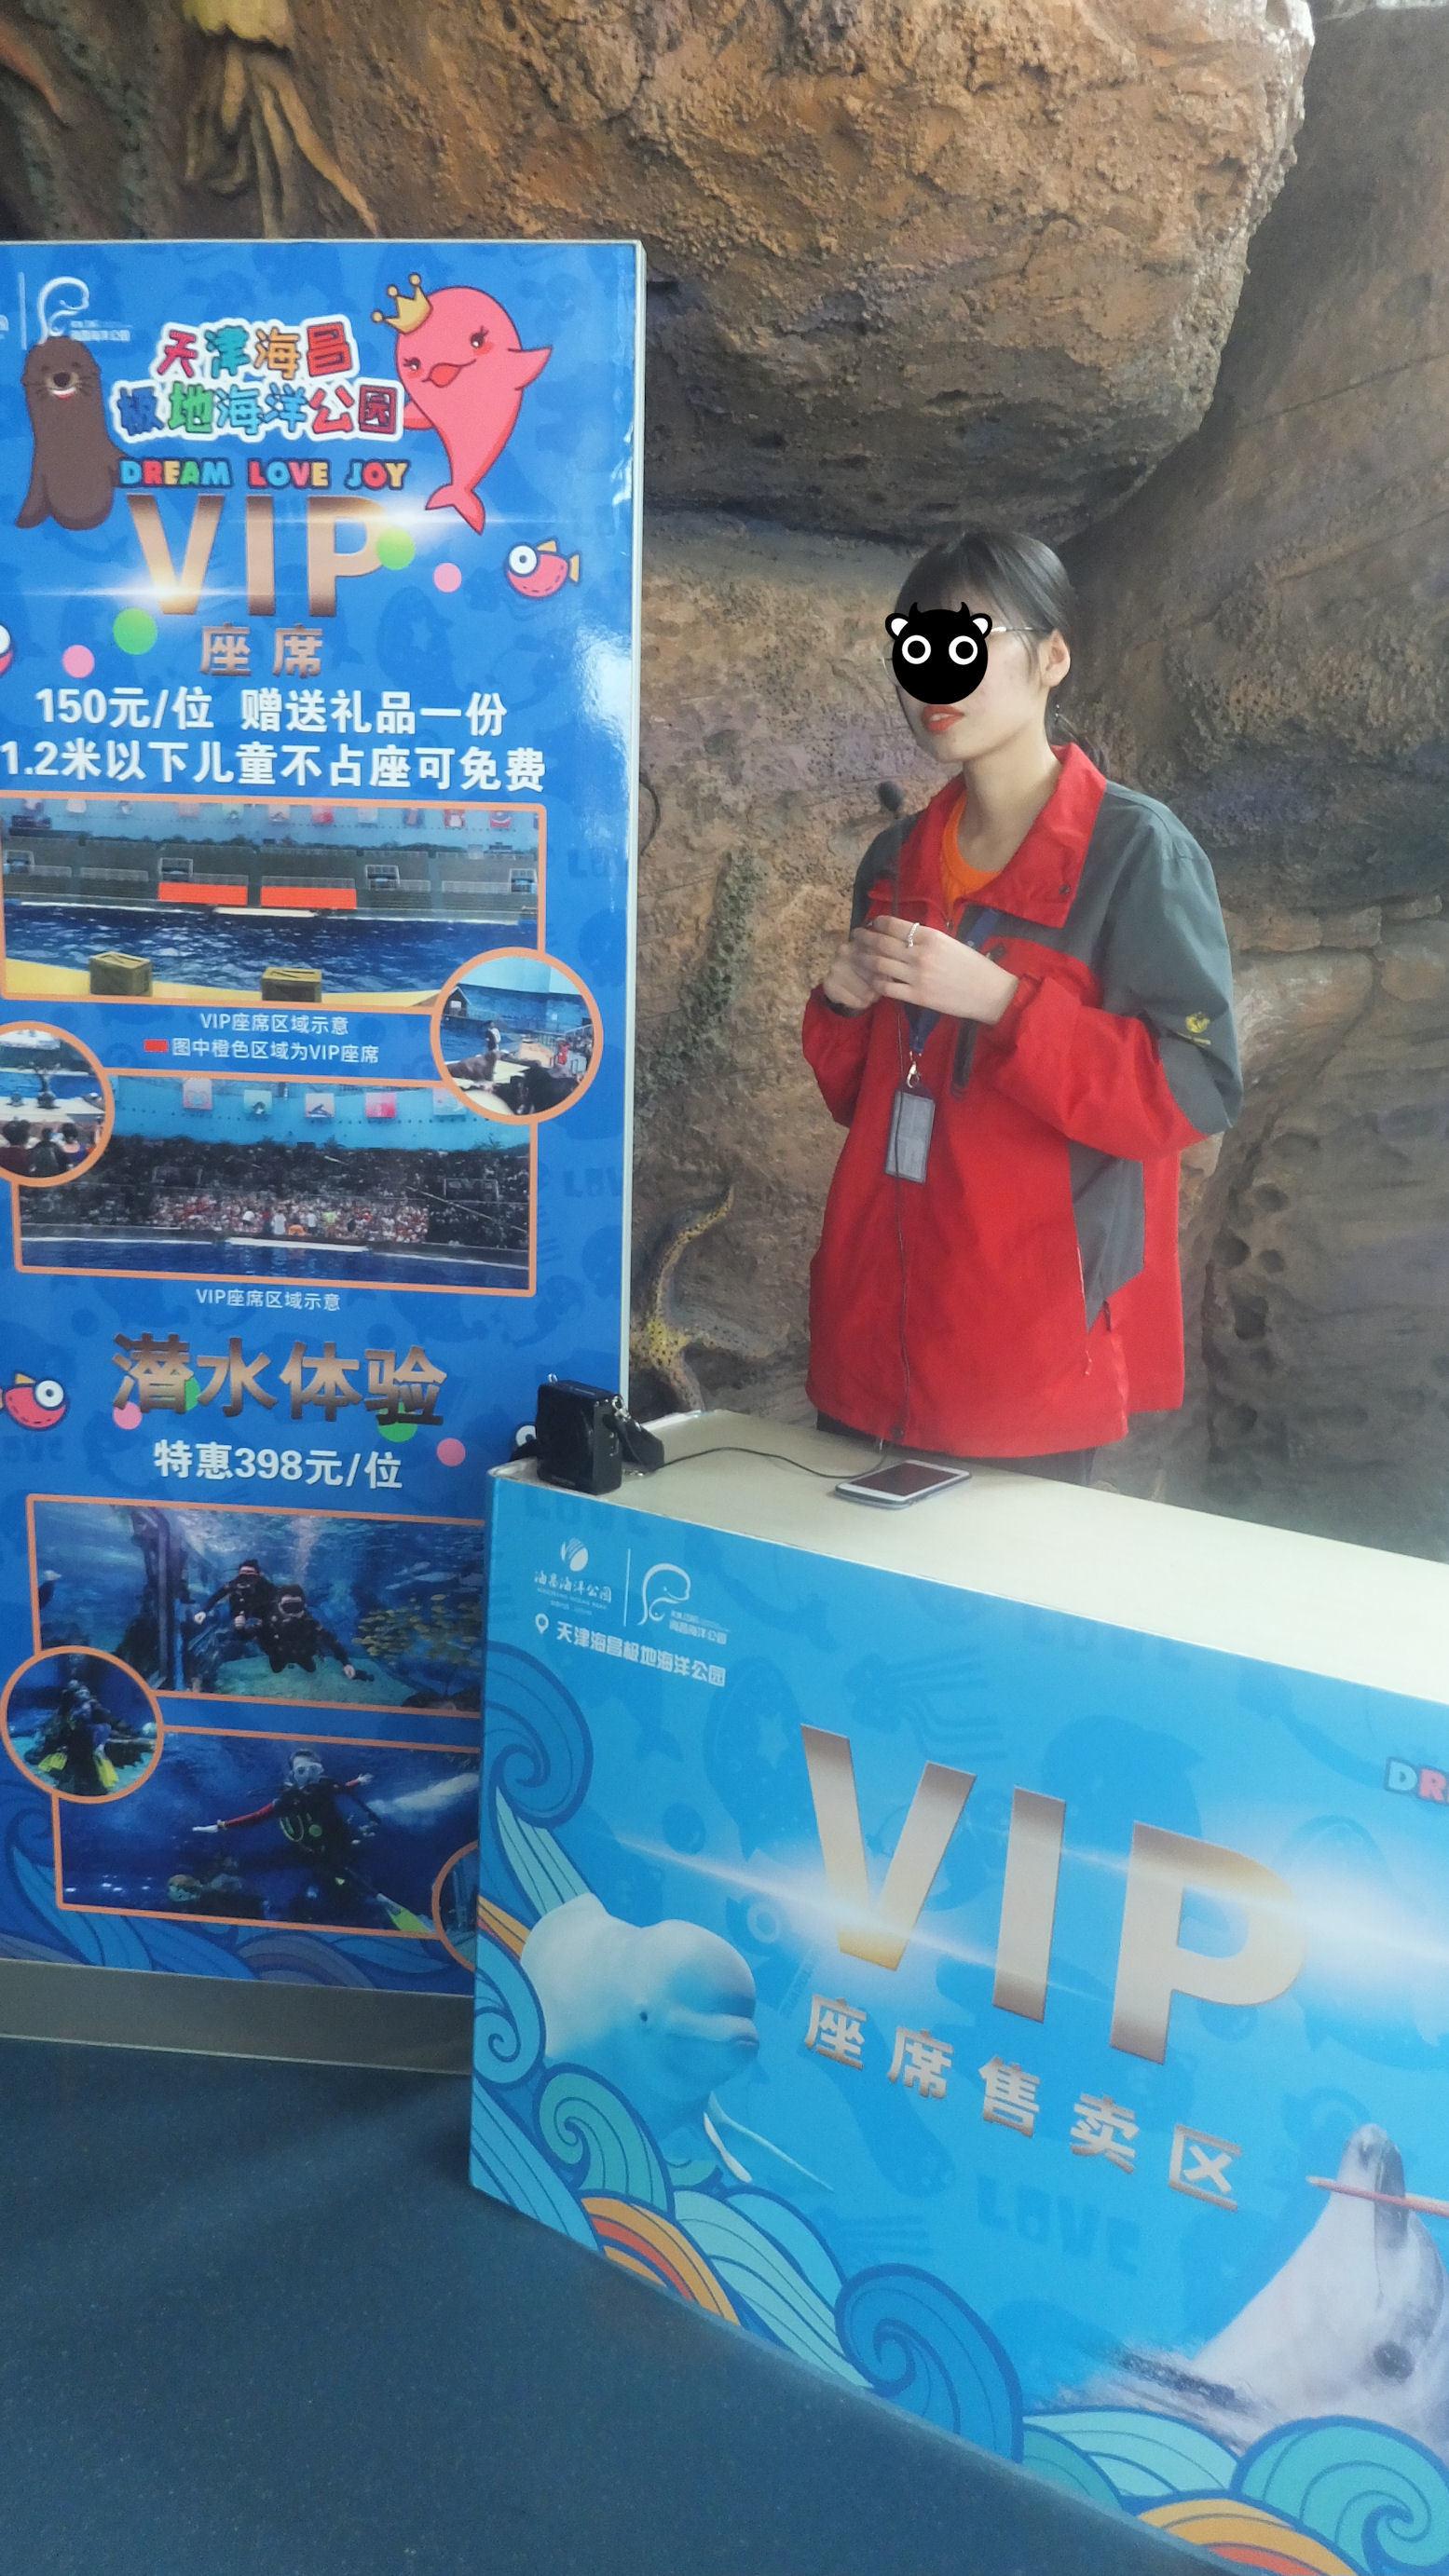 chinaAR50.jpg